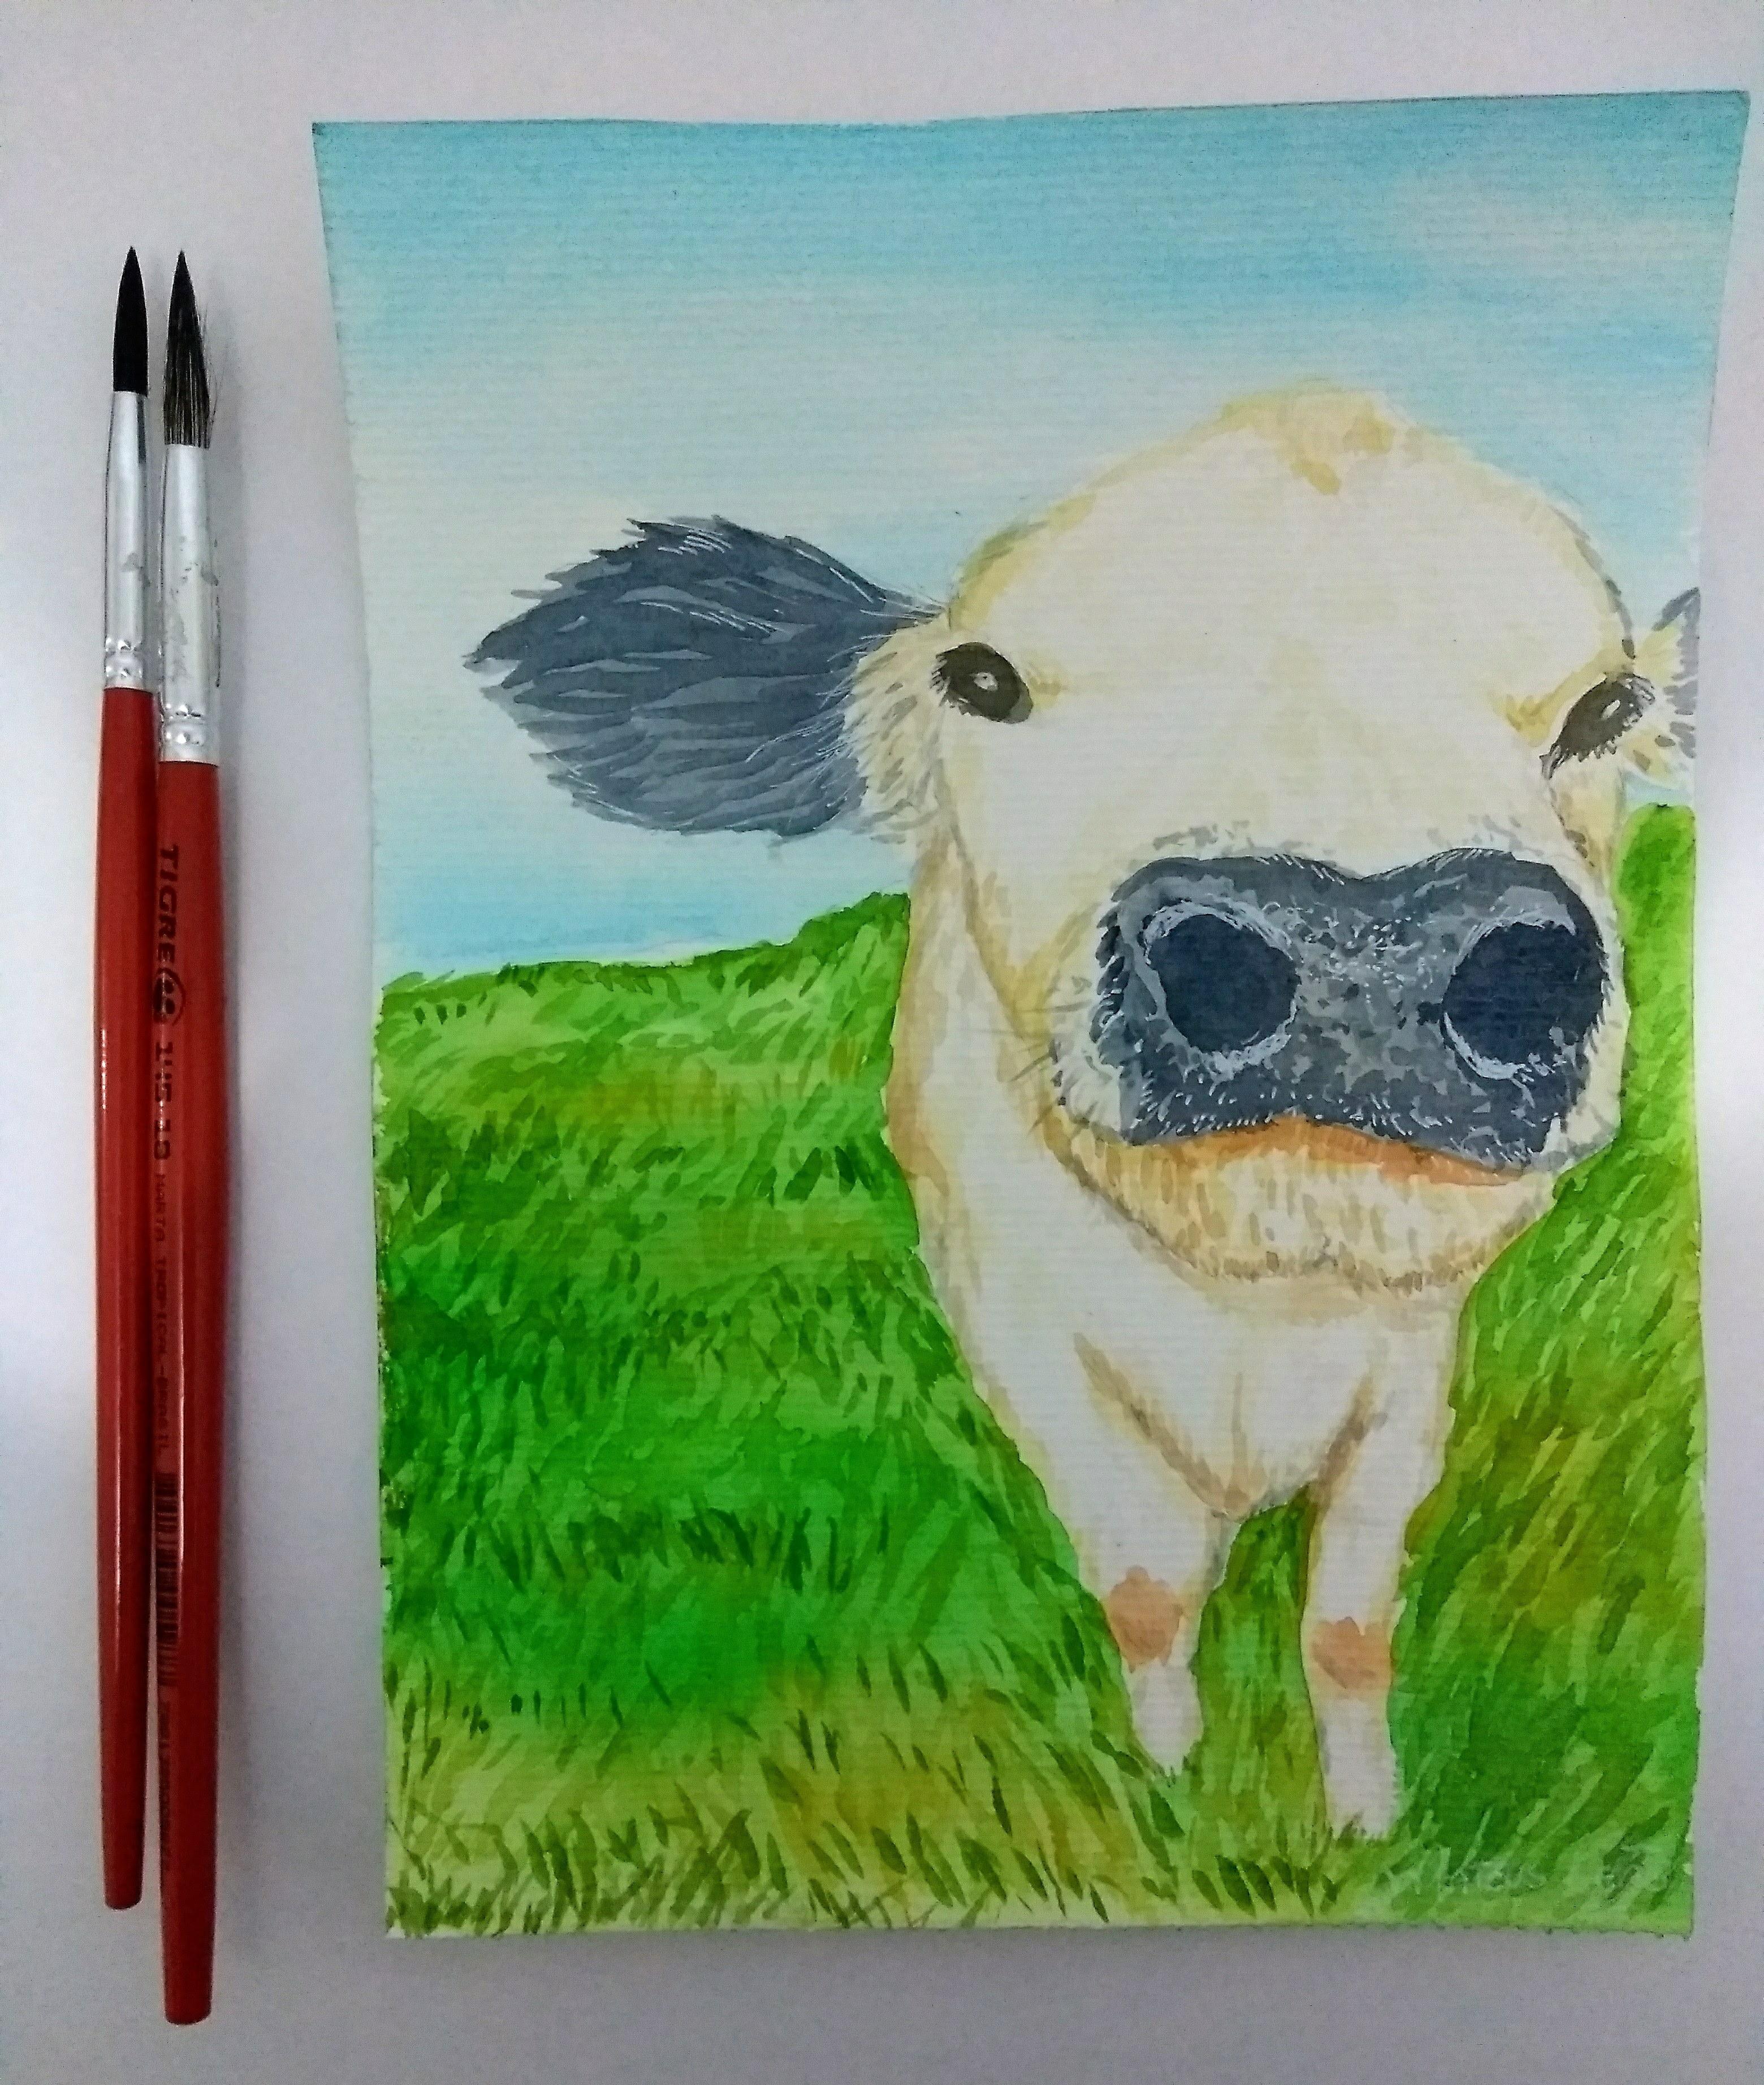 Pintura Em Aquarela De Animal E Bichos A4 Pintura Fisica No